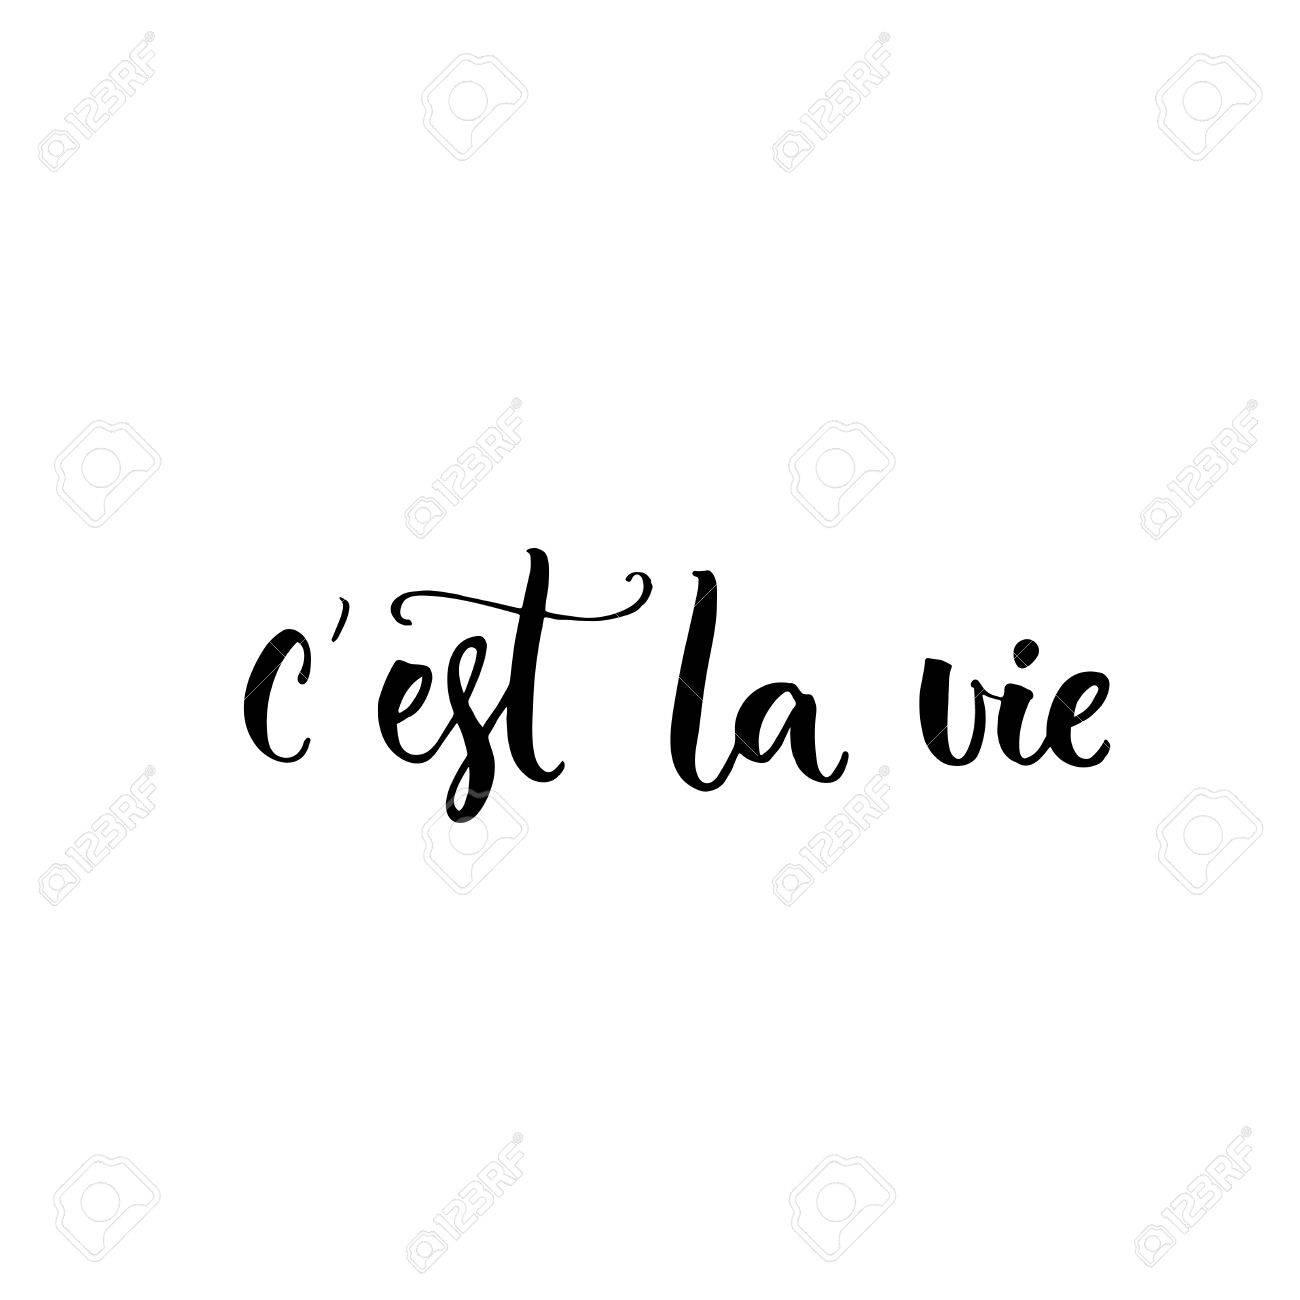 Así Es La Vida Frase En Francés Quiere Decir Que Es La Vida Cita De Las Letras Cepillo Para La Ropa De Moda Y Tarjetas